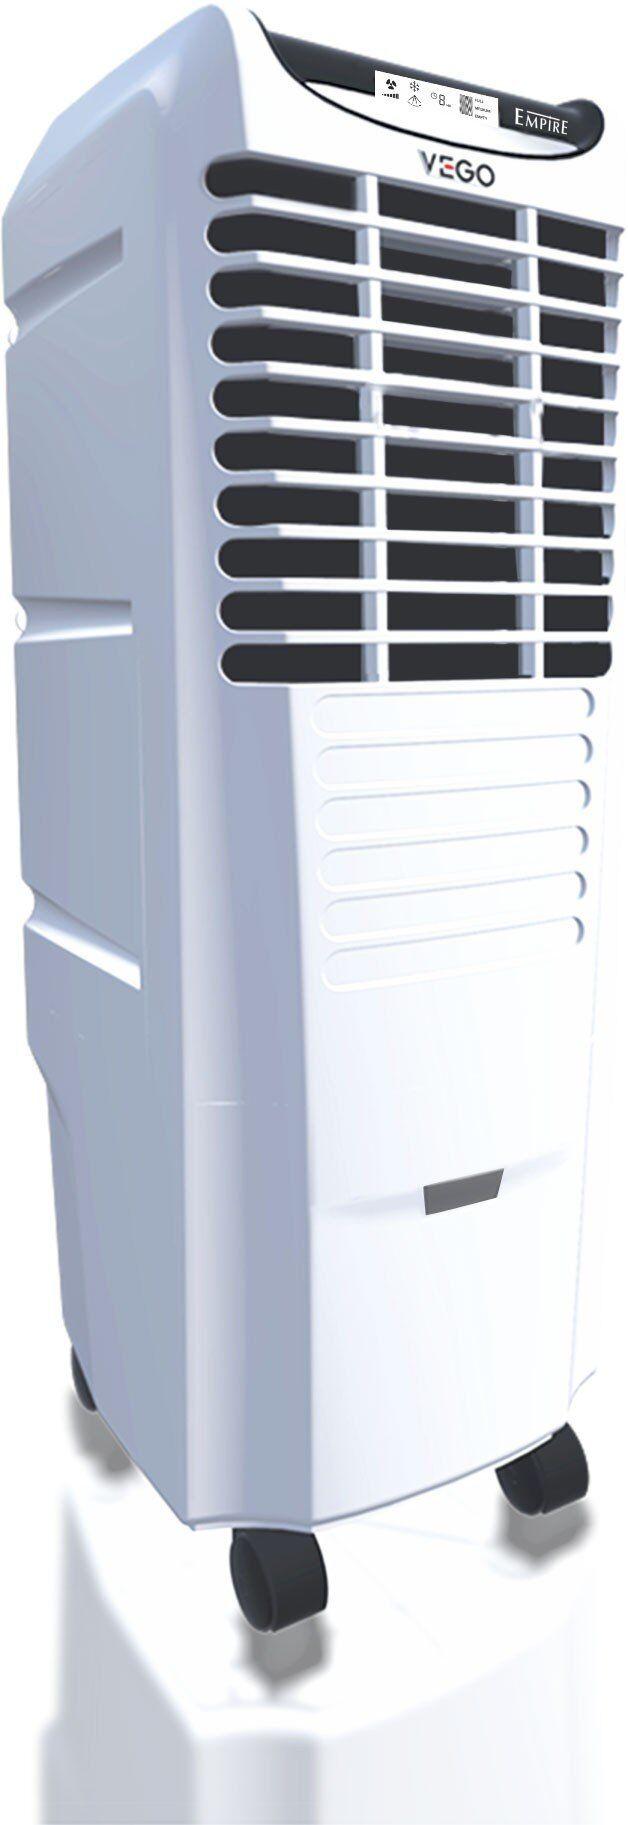 Purline Rafraîchisseur d'air gros volume, purificateur d'air, pour des pièces de 25 m²